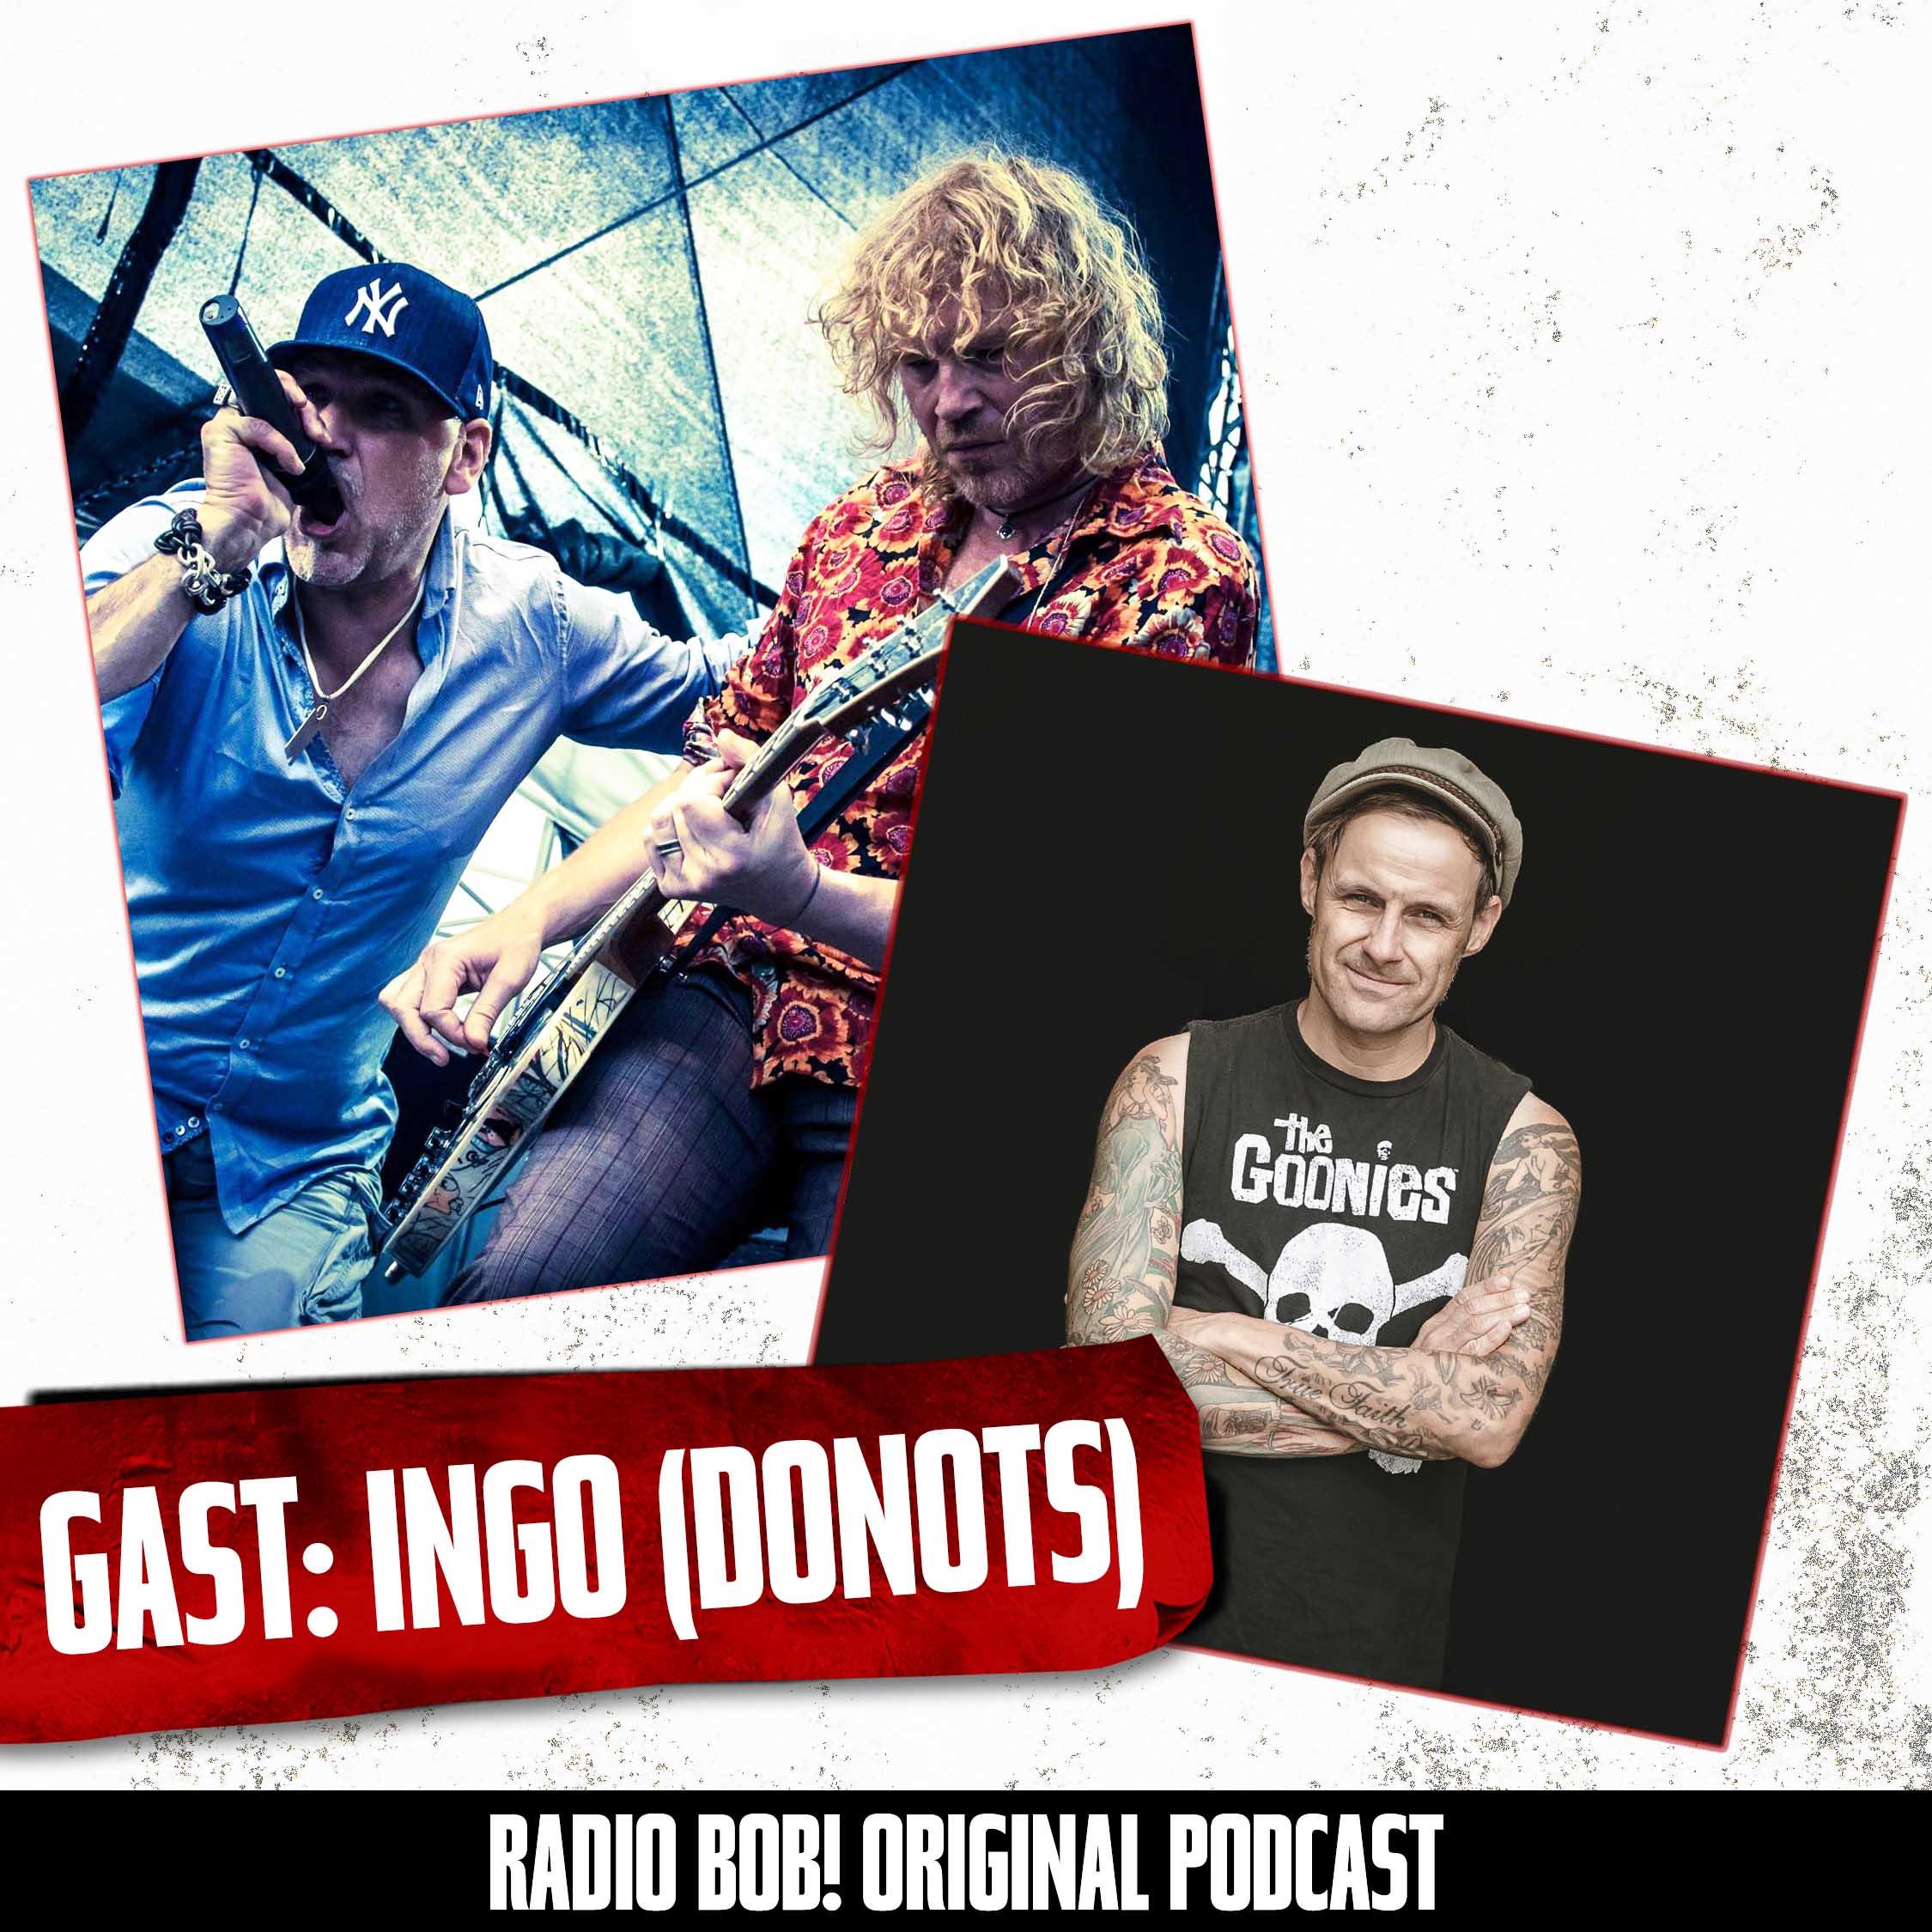 #18 - Ingo von den Donots